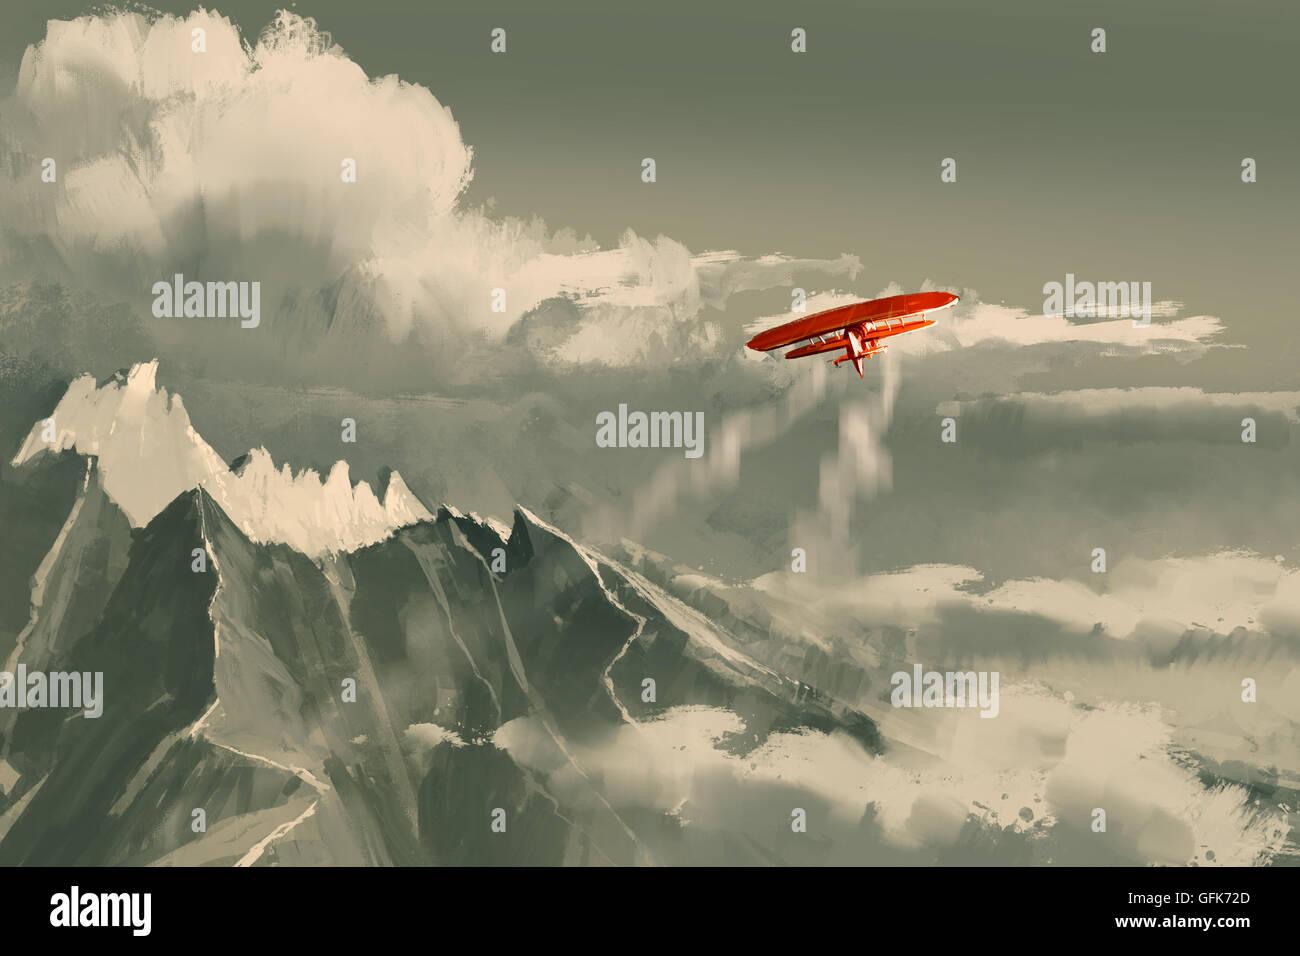 Biplano rosso volando sopra la montagna,immagine,pittura digitale Immagini Stock